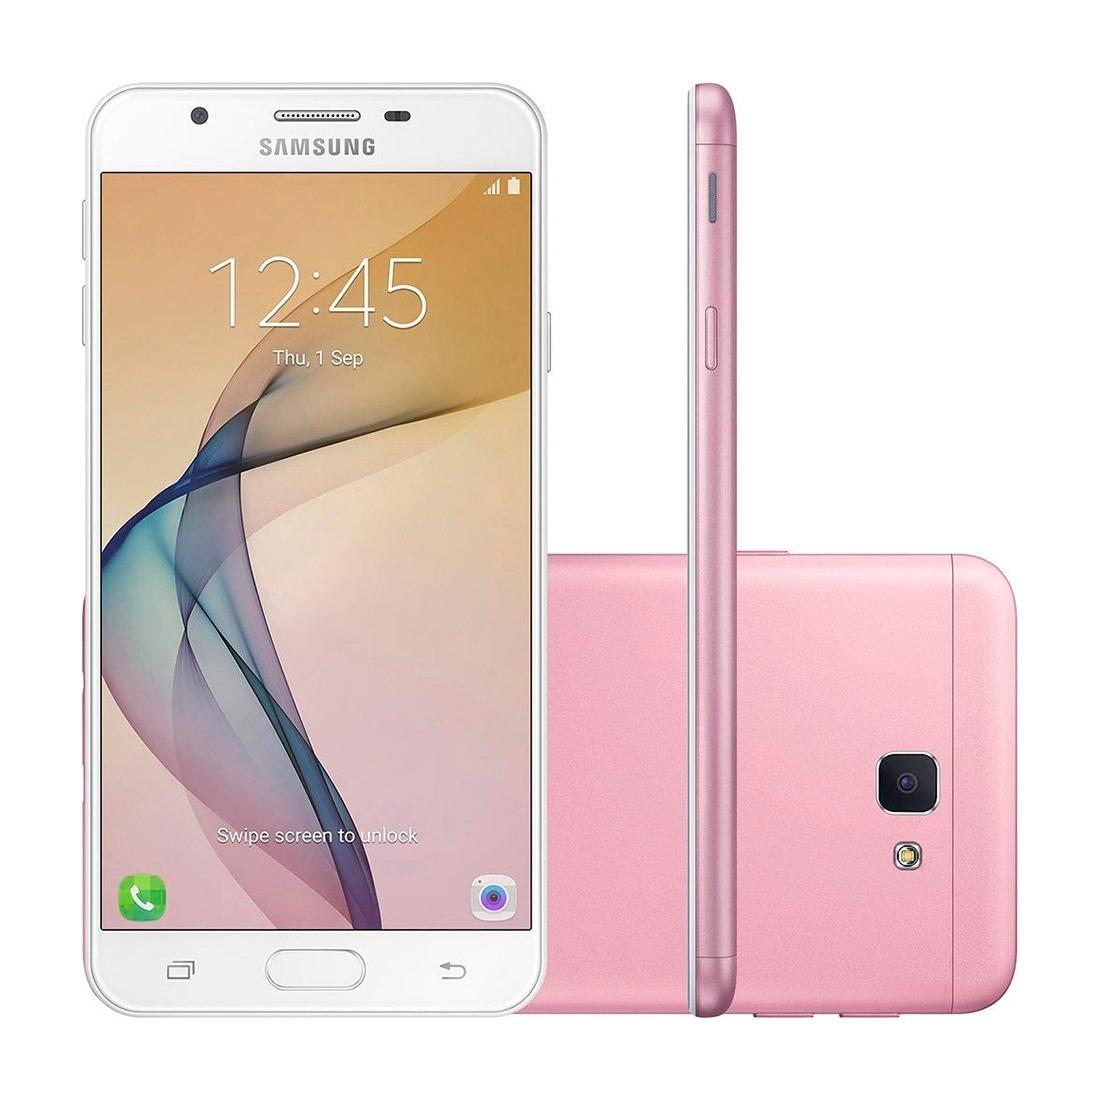 Samsung J5 Prime Duos 32gb Rosa - Novo - R$ 780,00 em